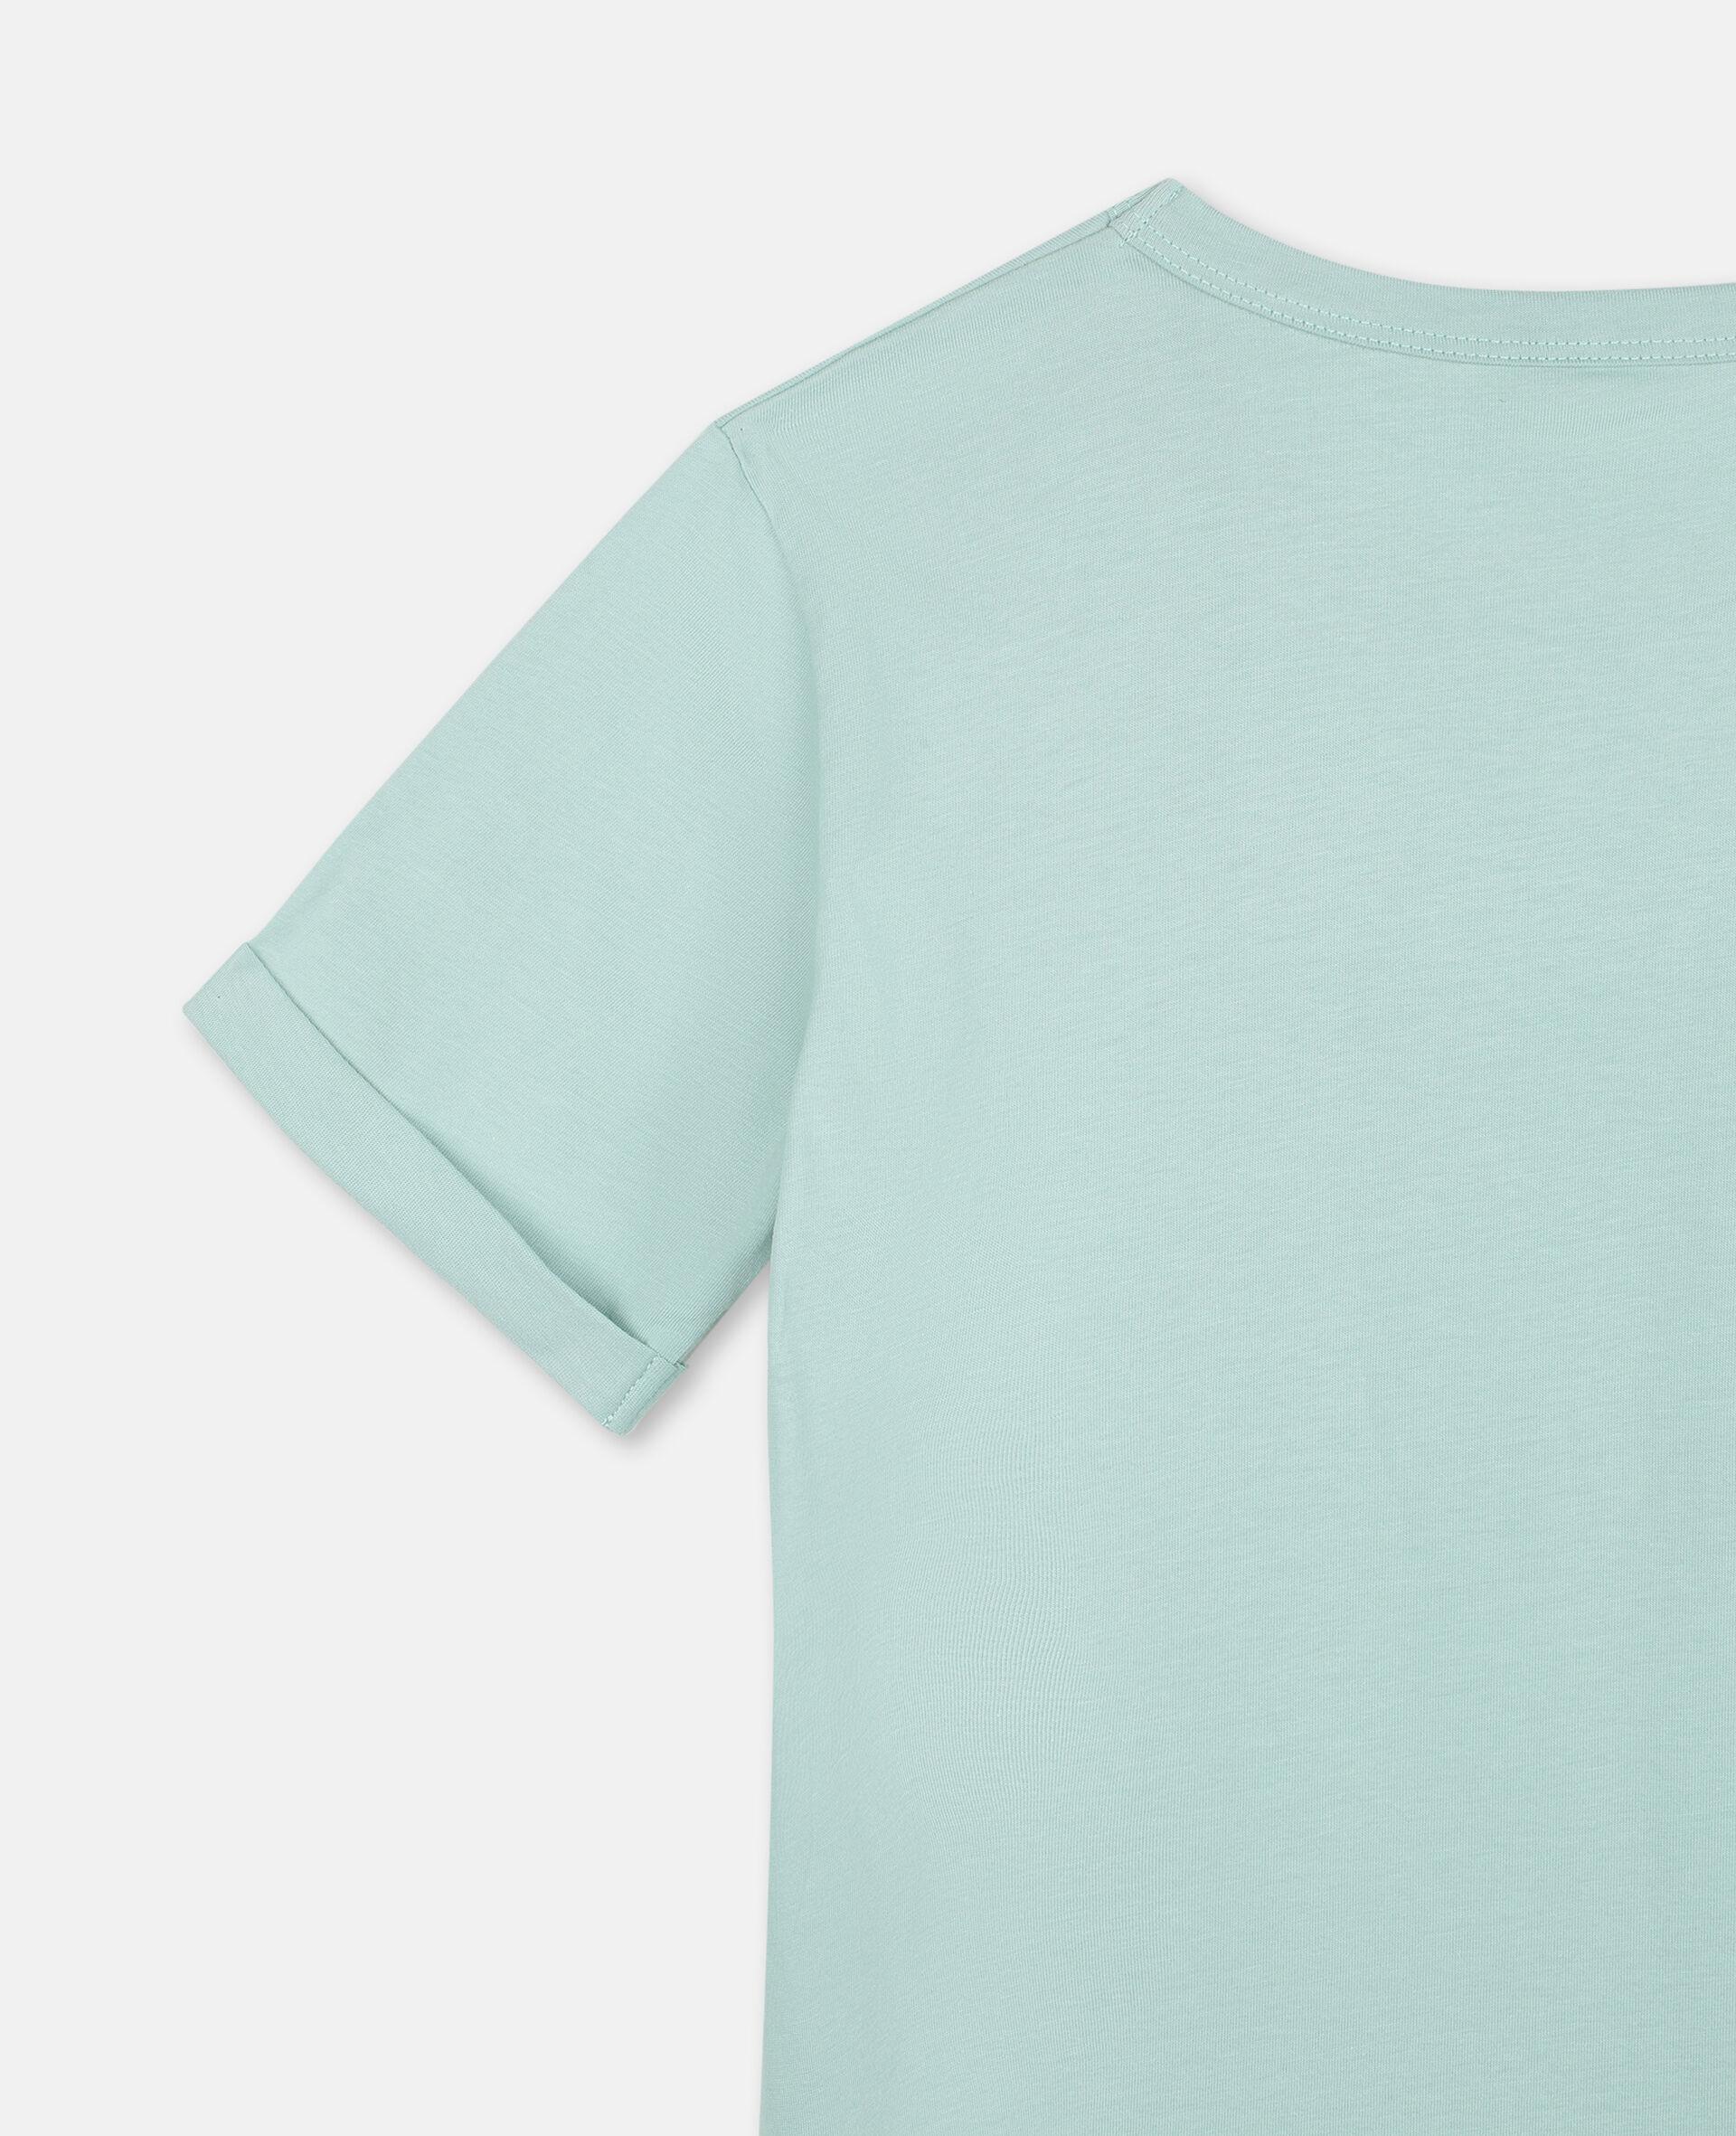 バタフライ コットン Tシャツ-グリーン-large image number 2